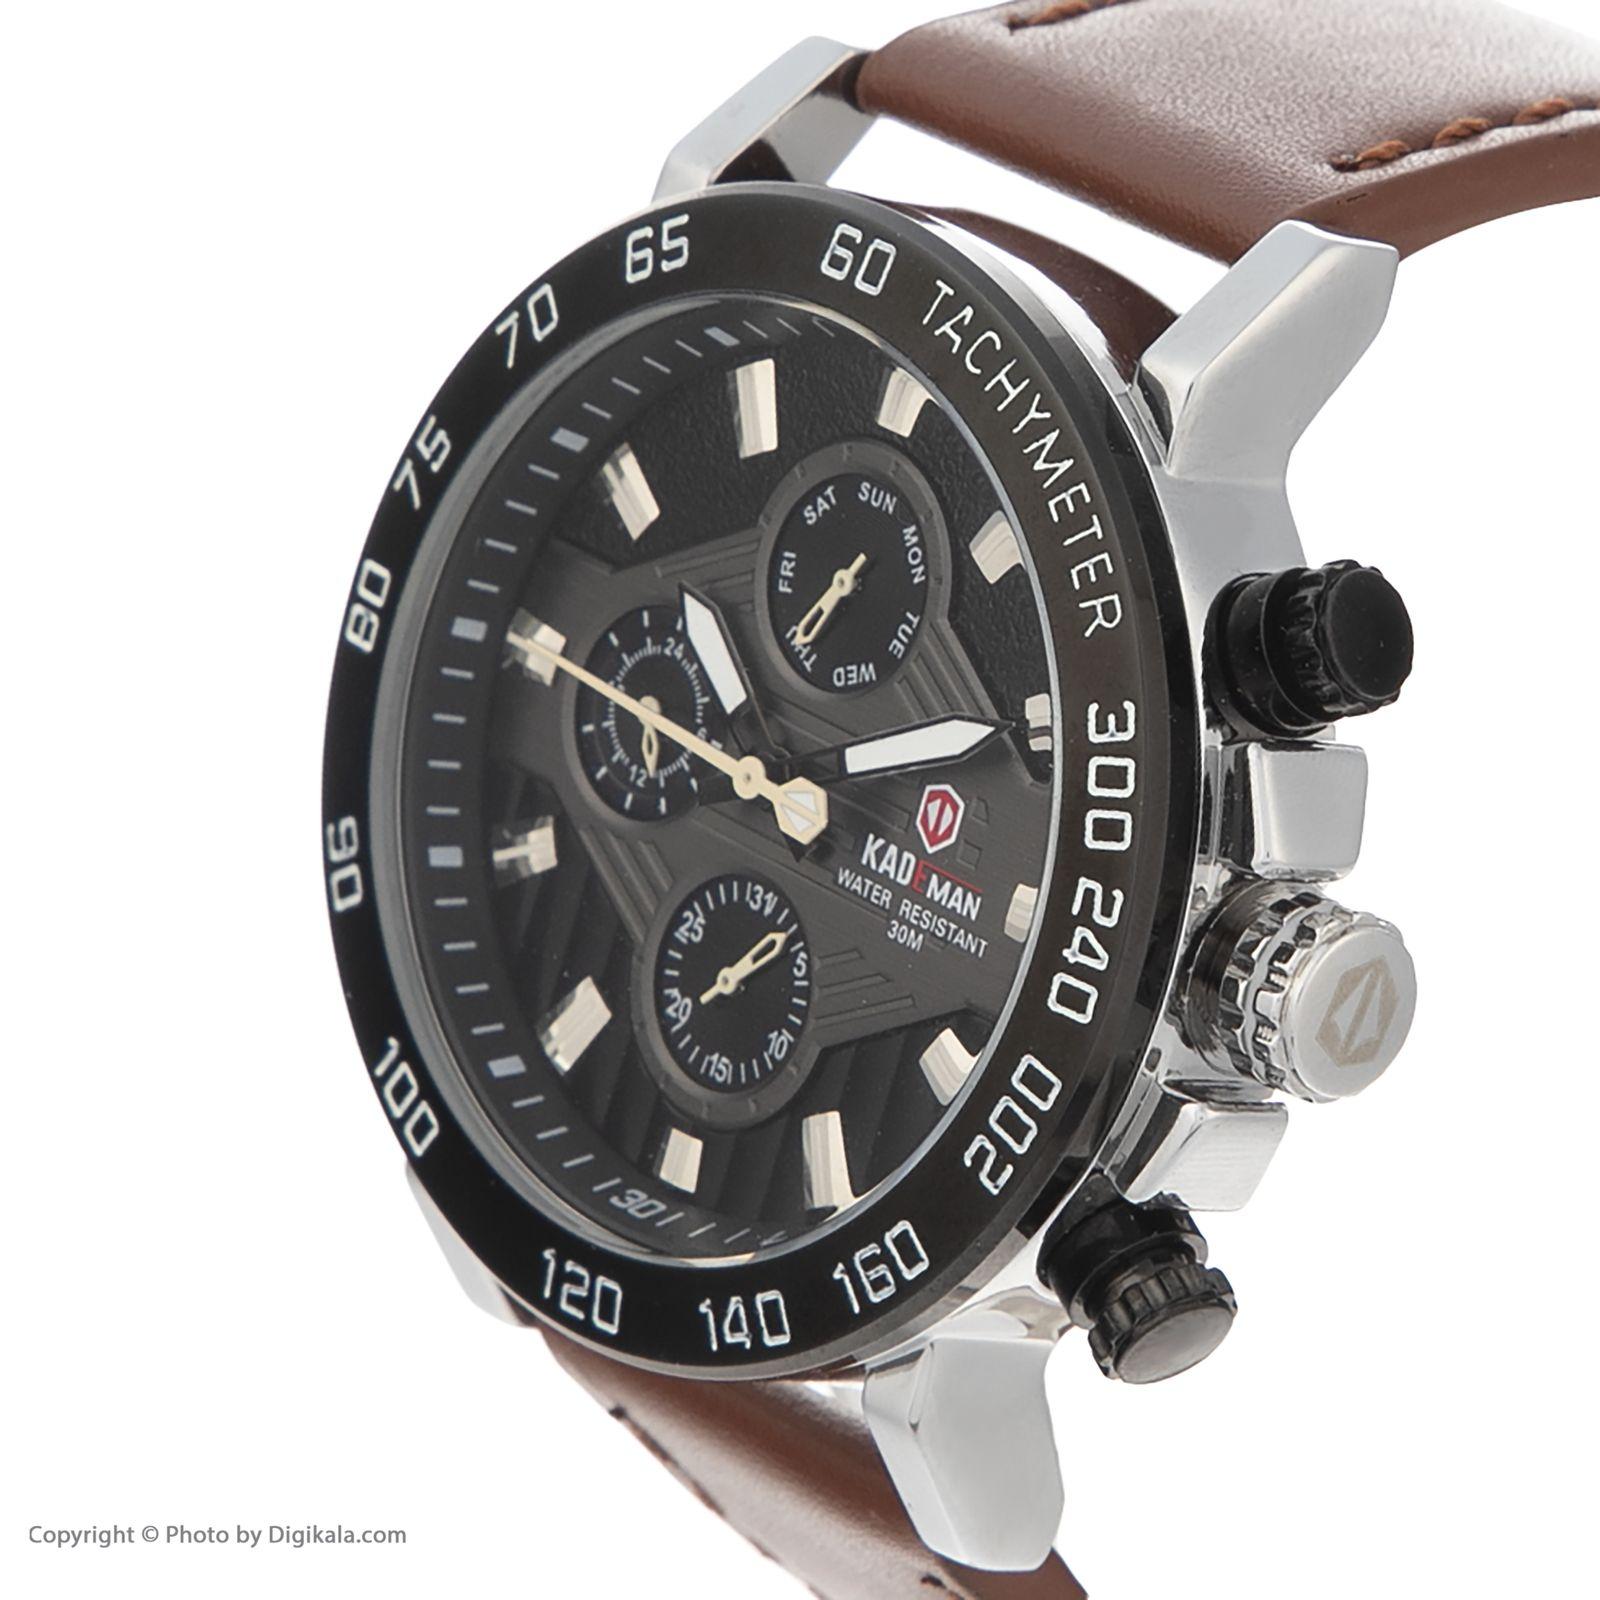 ساعت مچی عقربه ای مردانه کیدمن کد 08 به همراه دستبند -  - 4